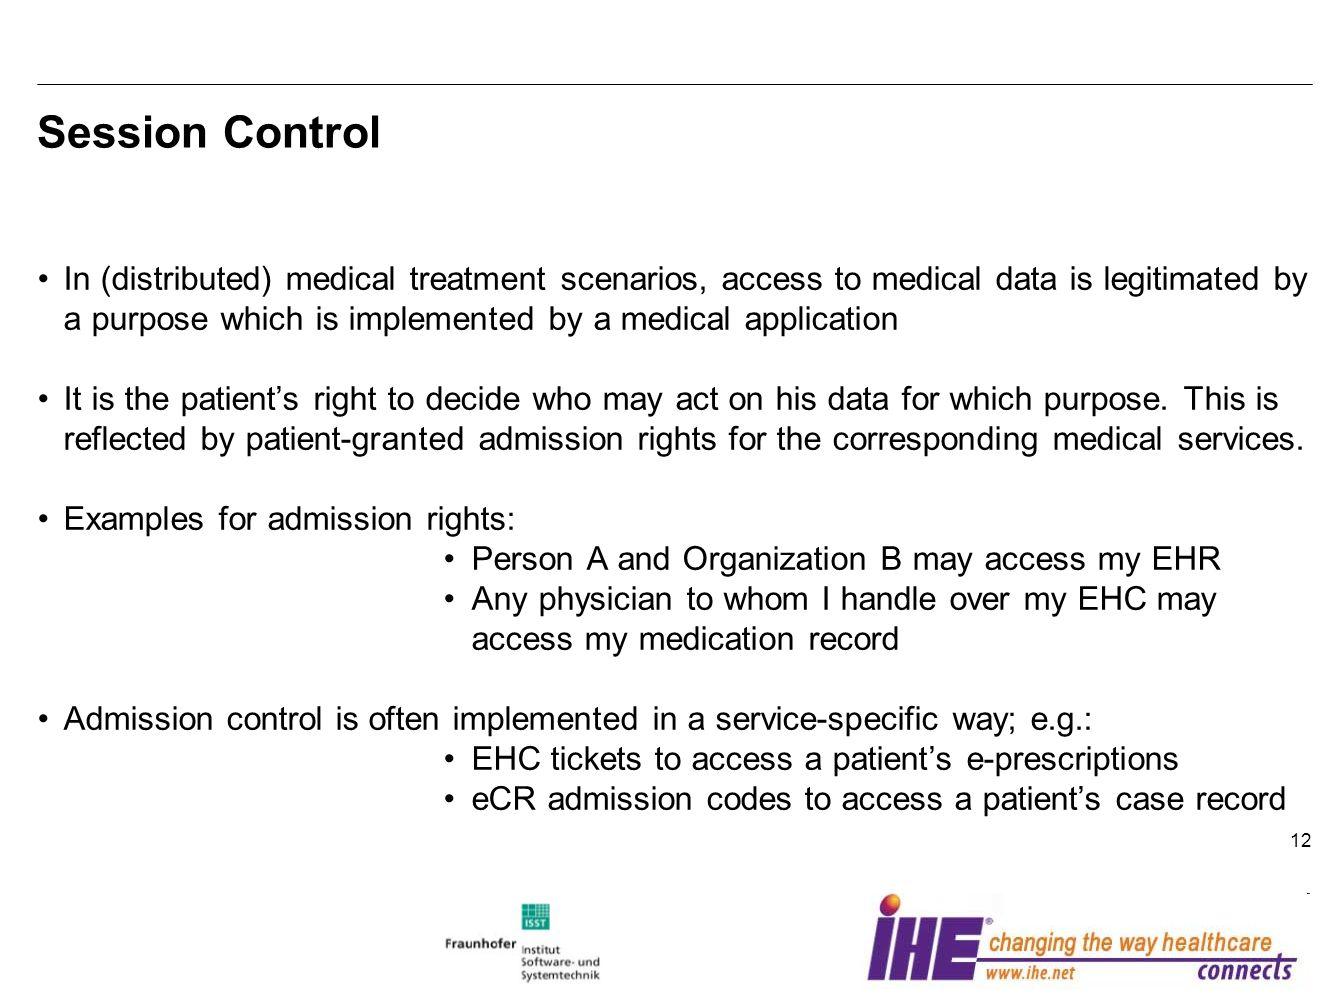 scenarios reflecting patients rights